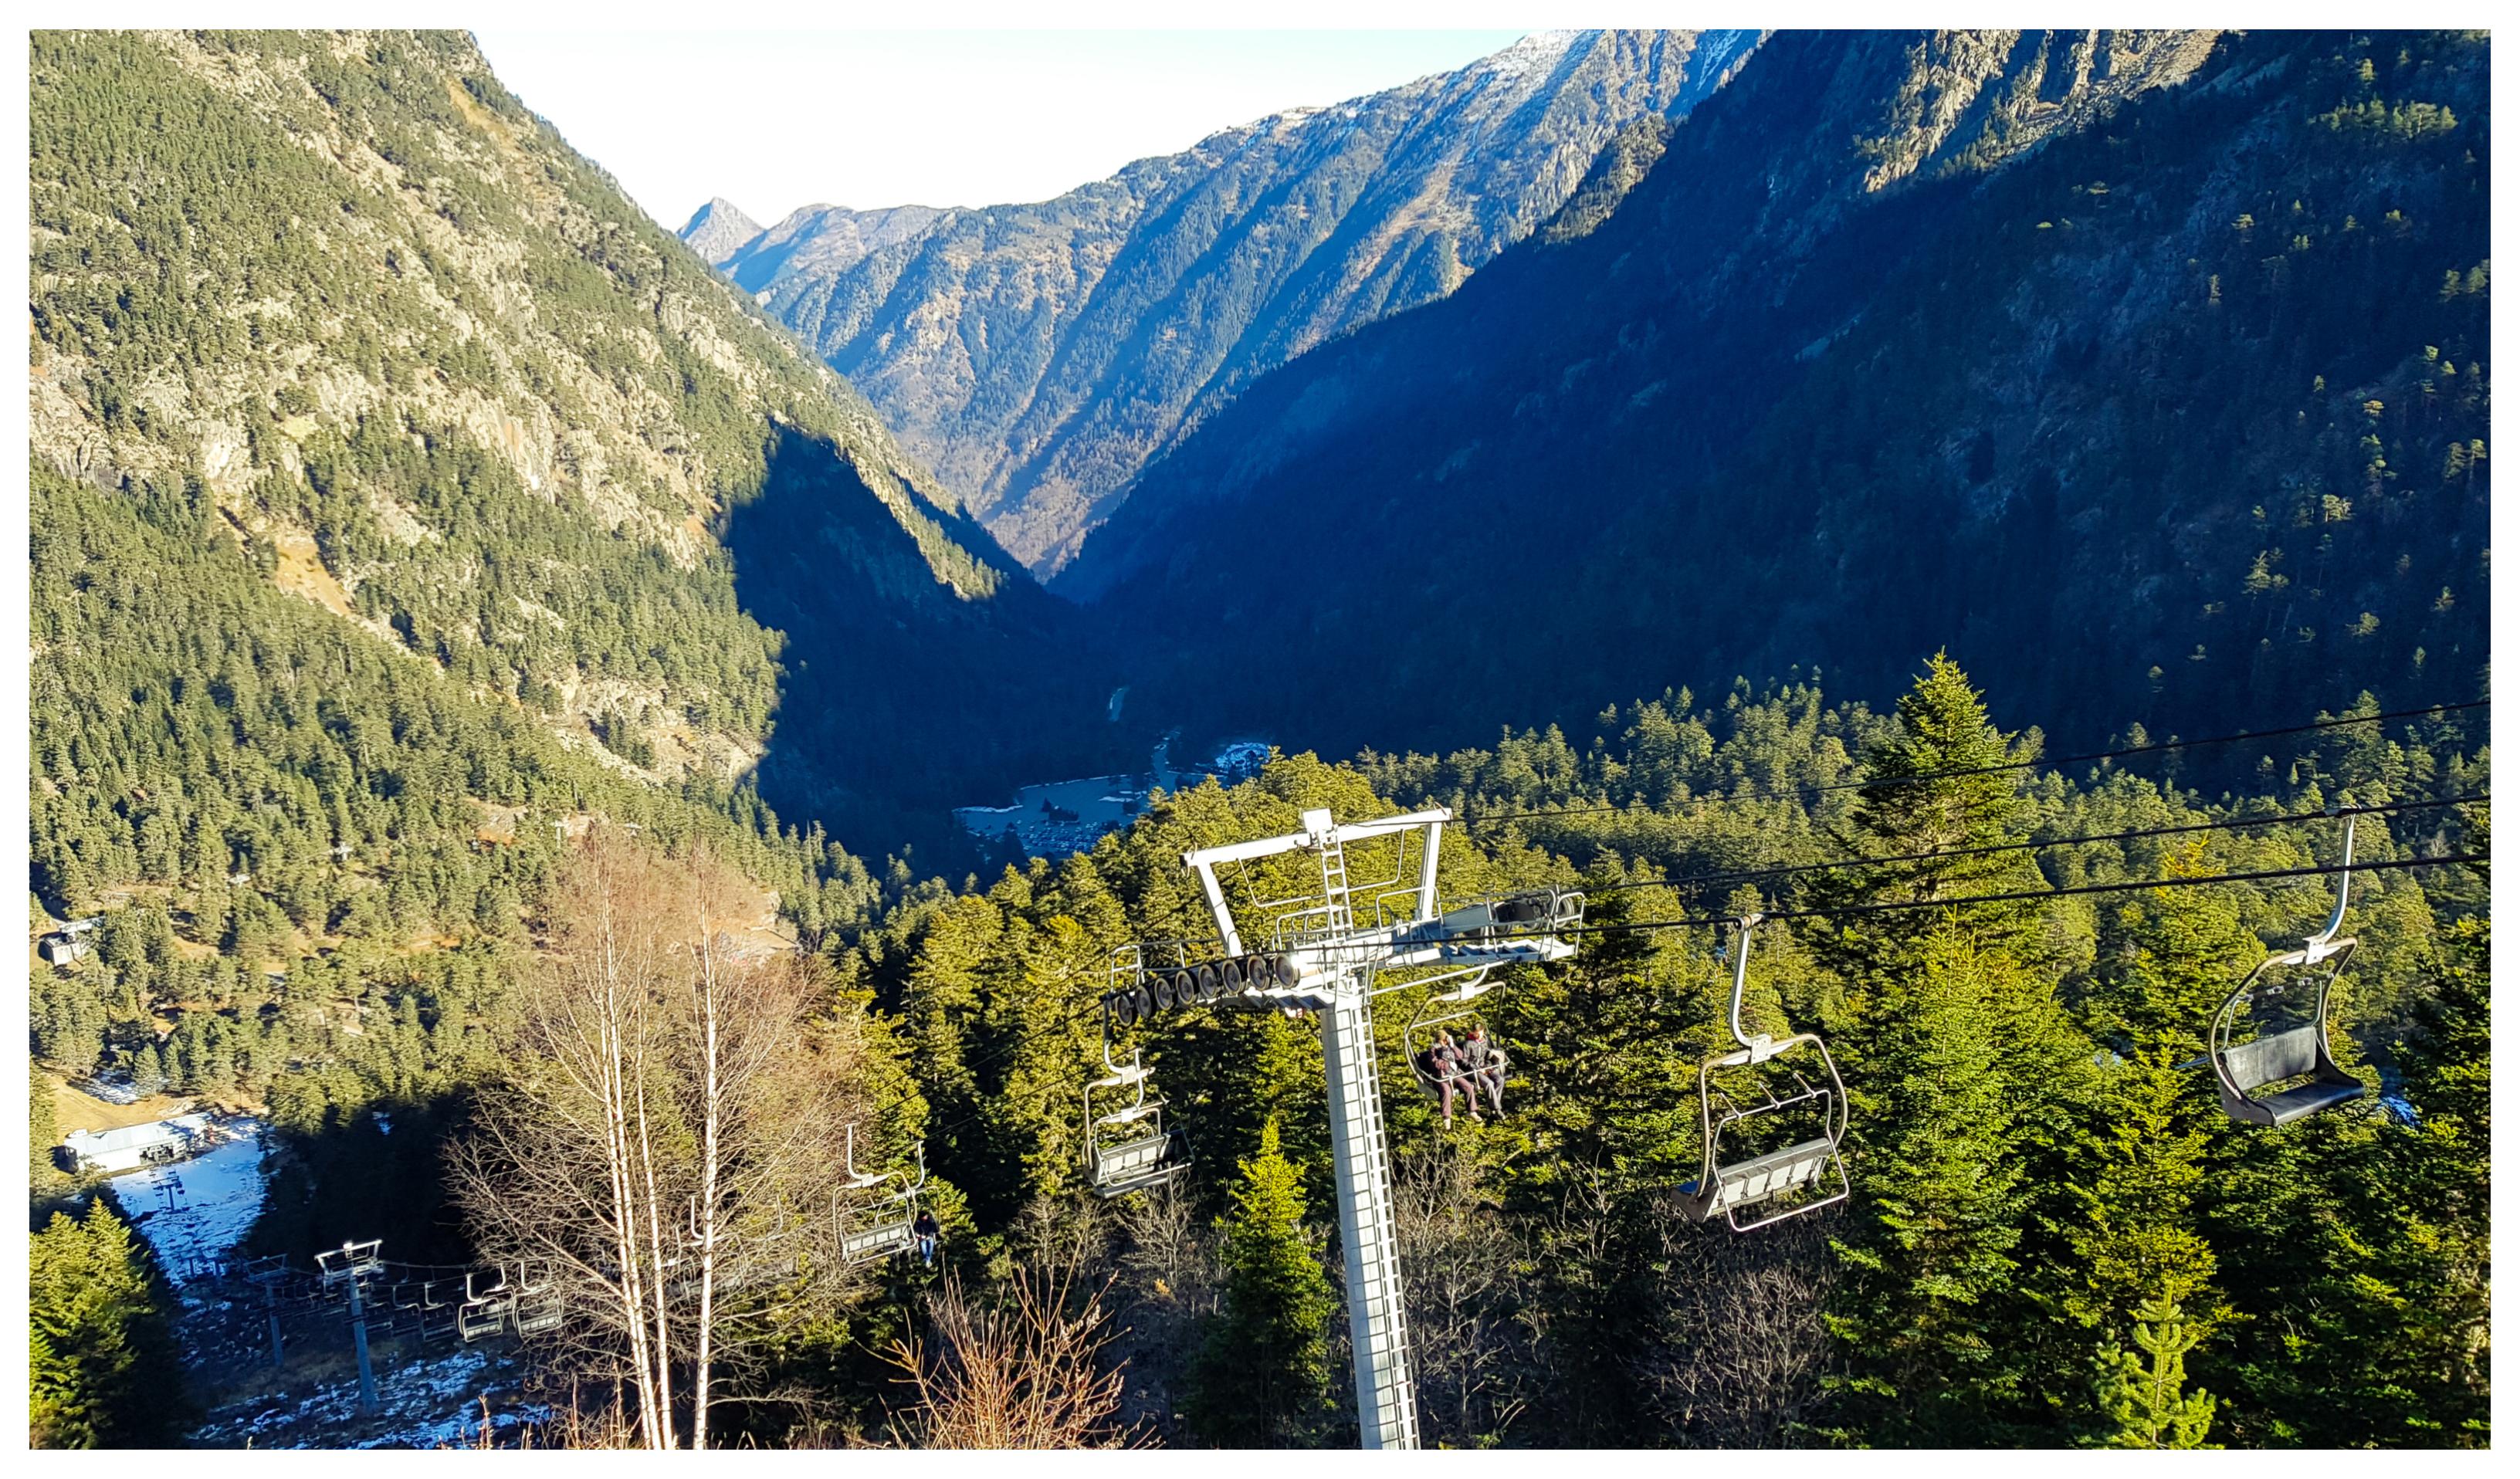 cauterets-pyrénées-randonnée-lac-de-gaube-avis-blog